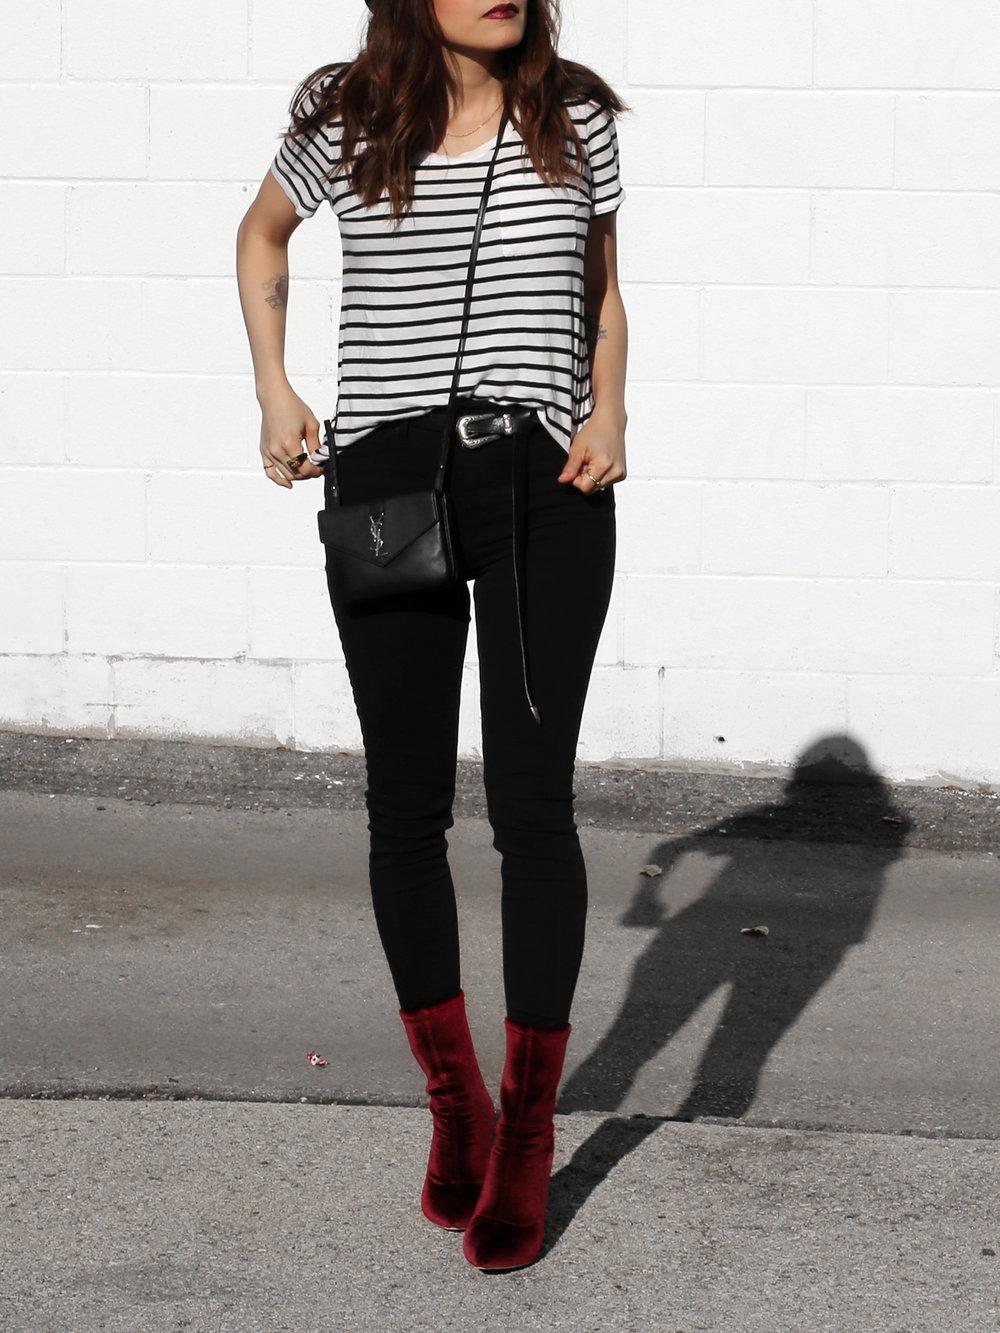 red velvet boots street style_2141.JPG